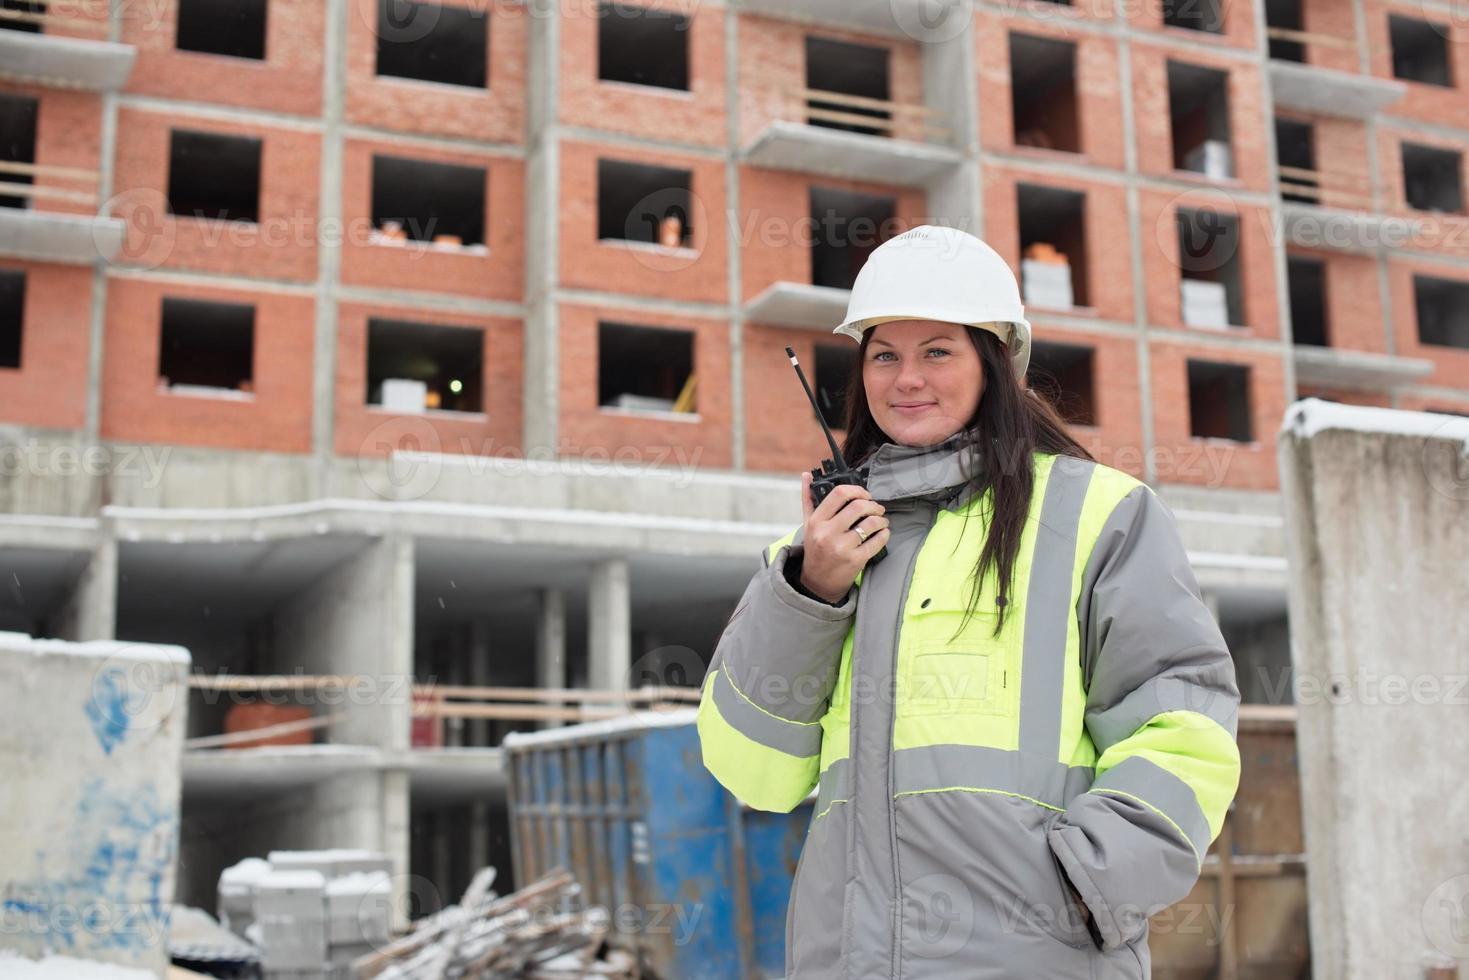 Bauingenieur auf der Baustelle foto